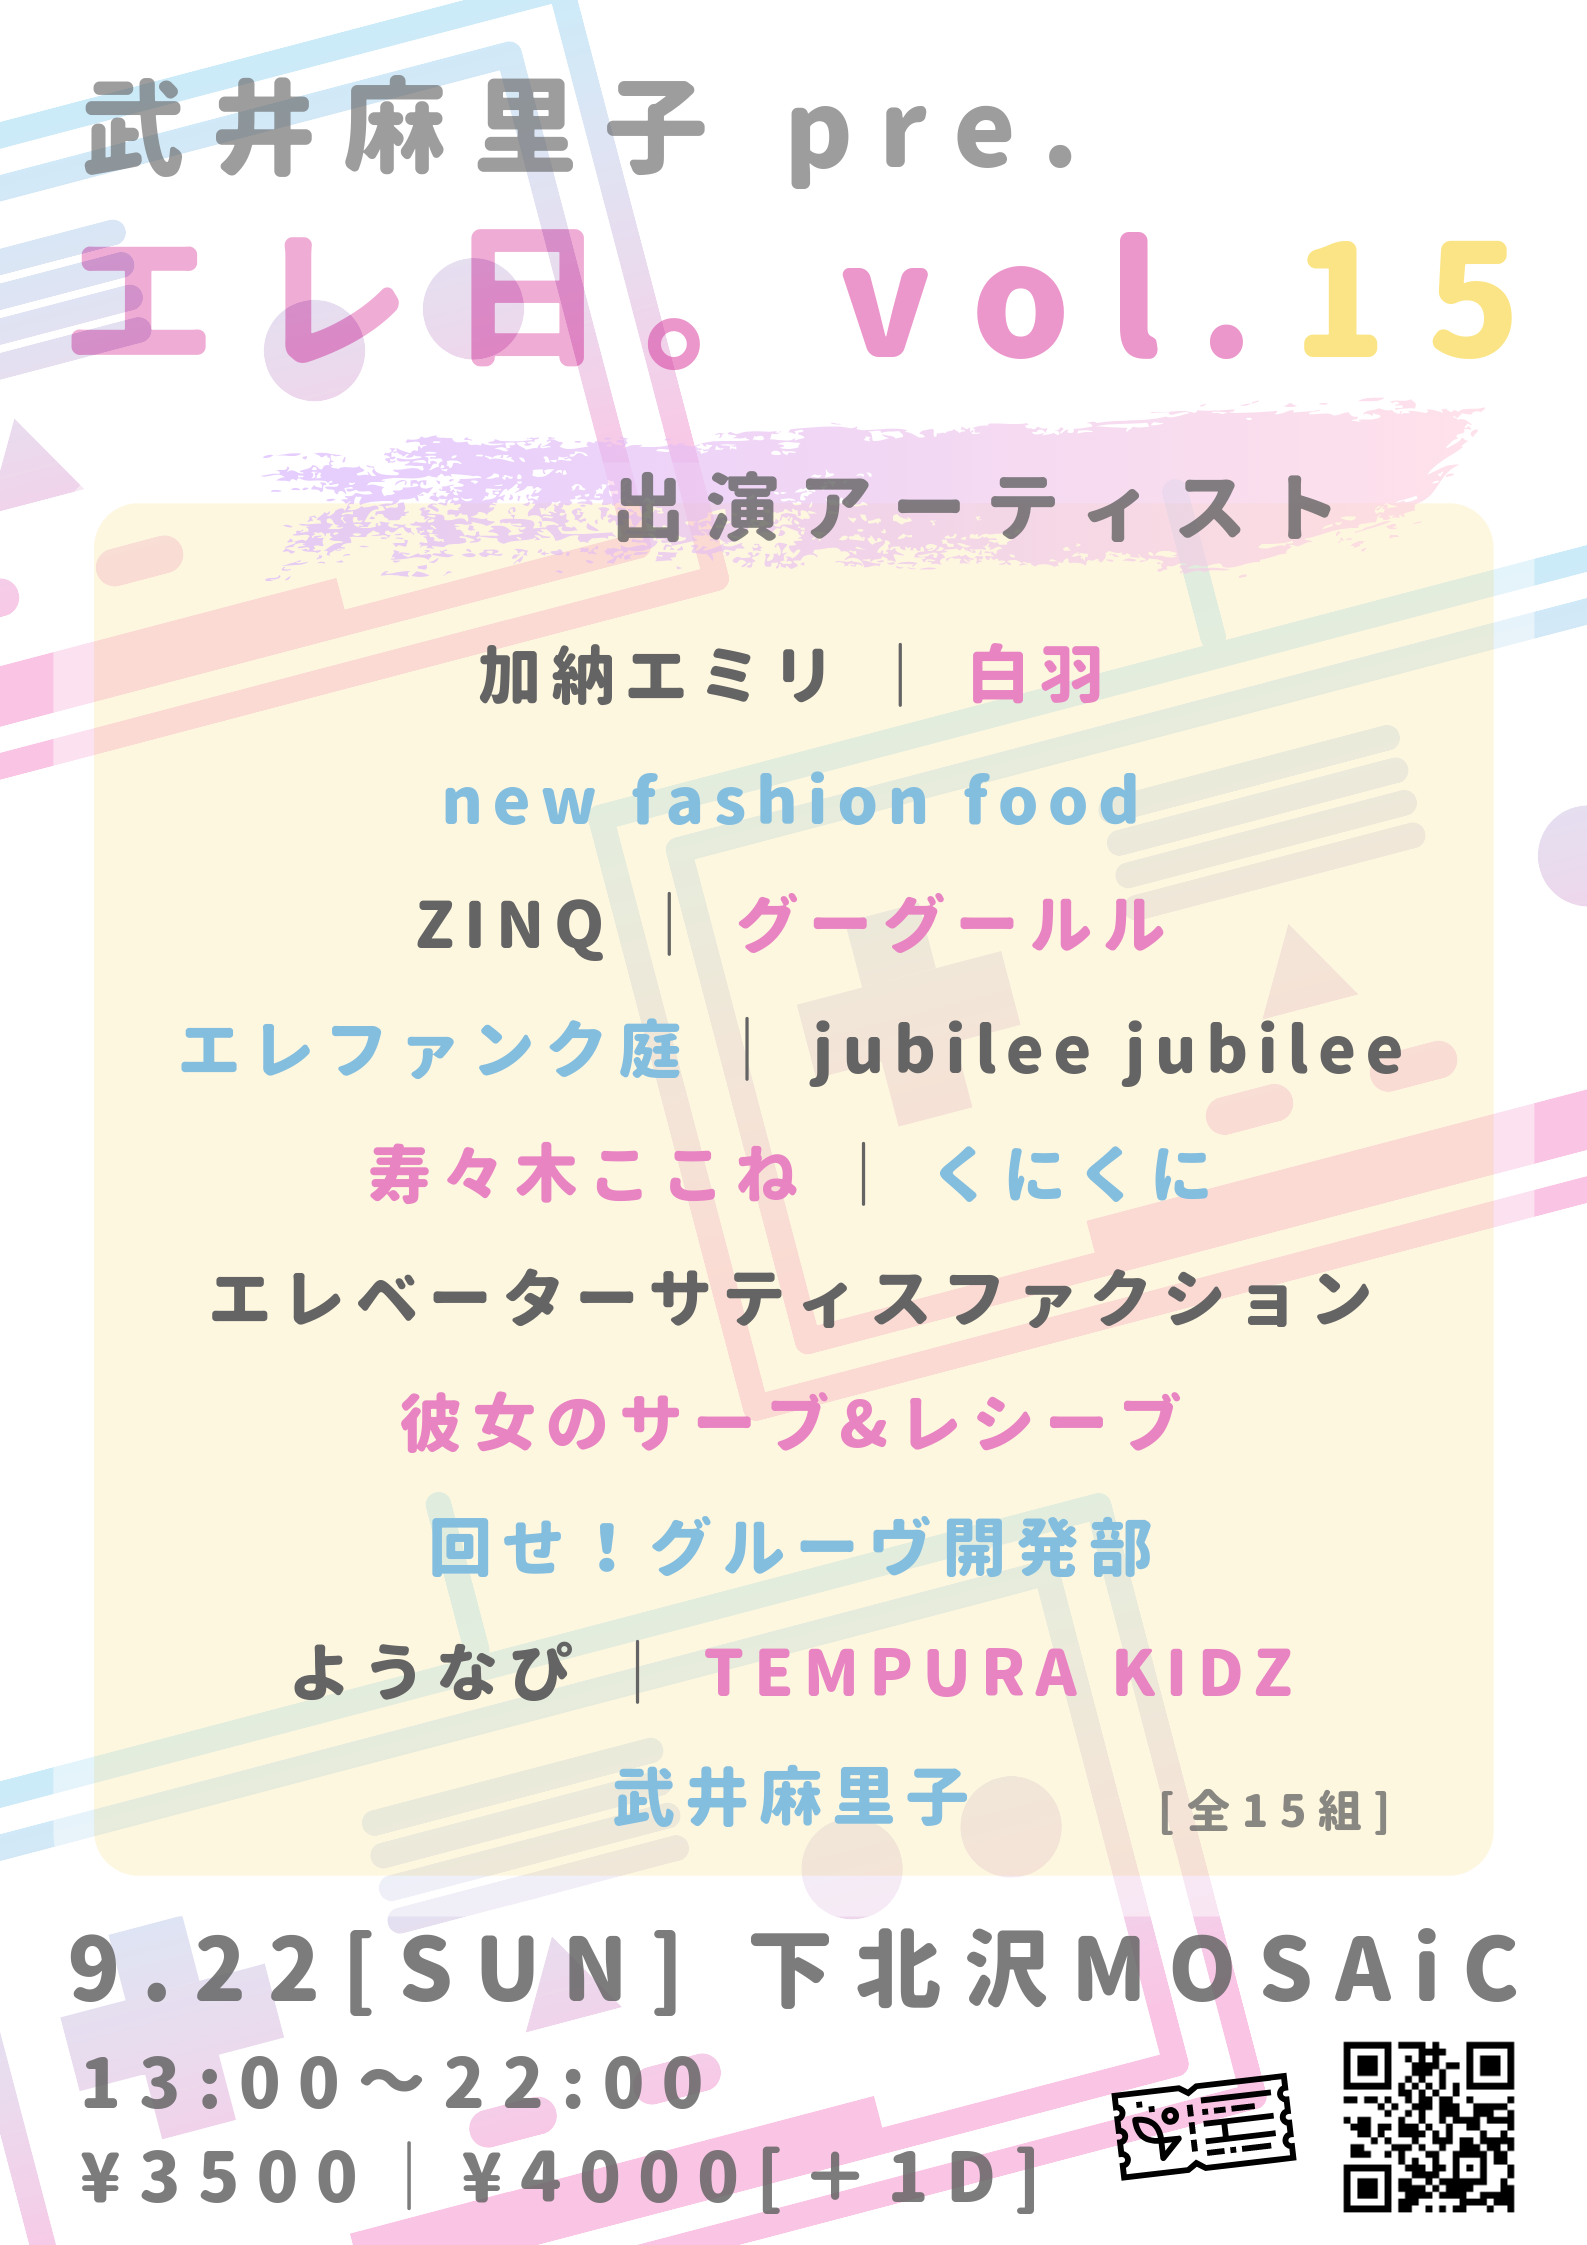 2019.09.22 武井麻里子presents『エレ日。vol.15』